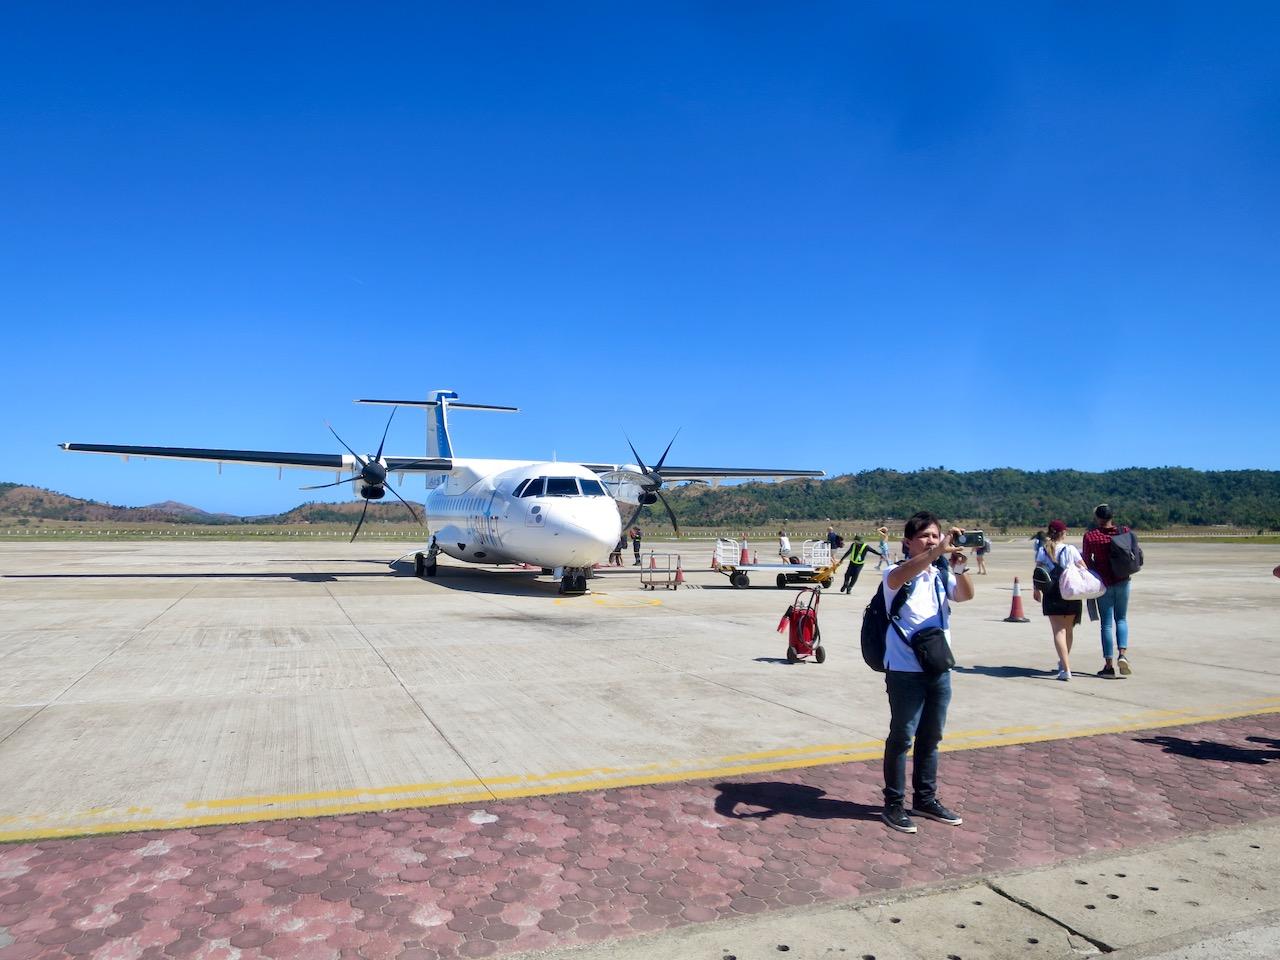 Voar nas Filipinas